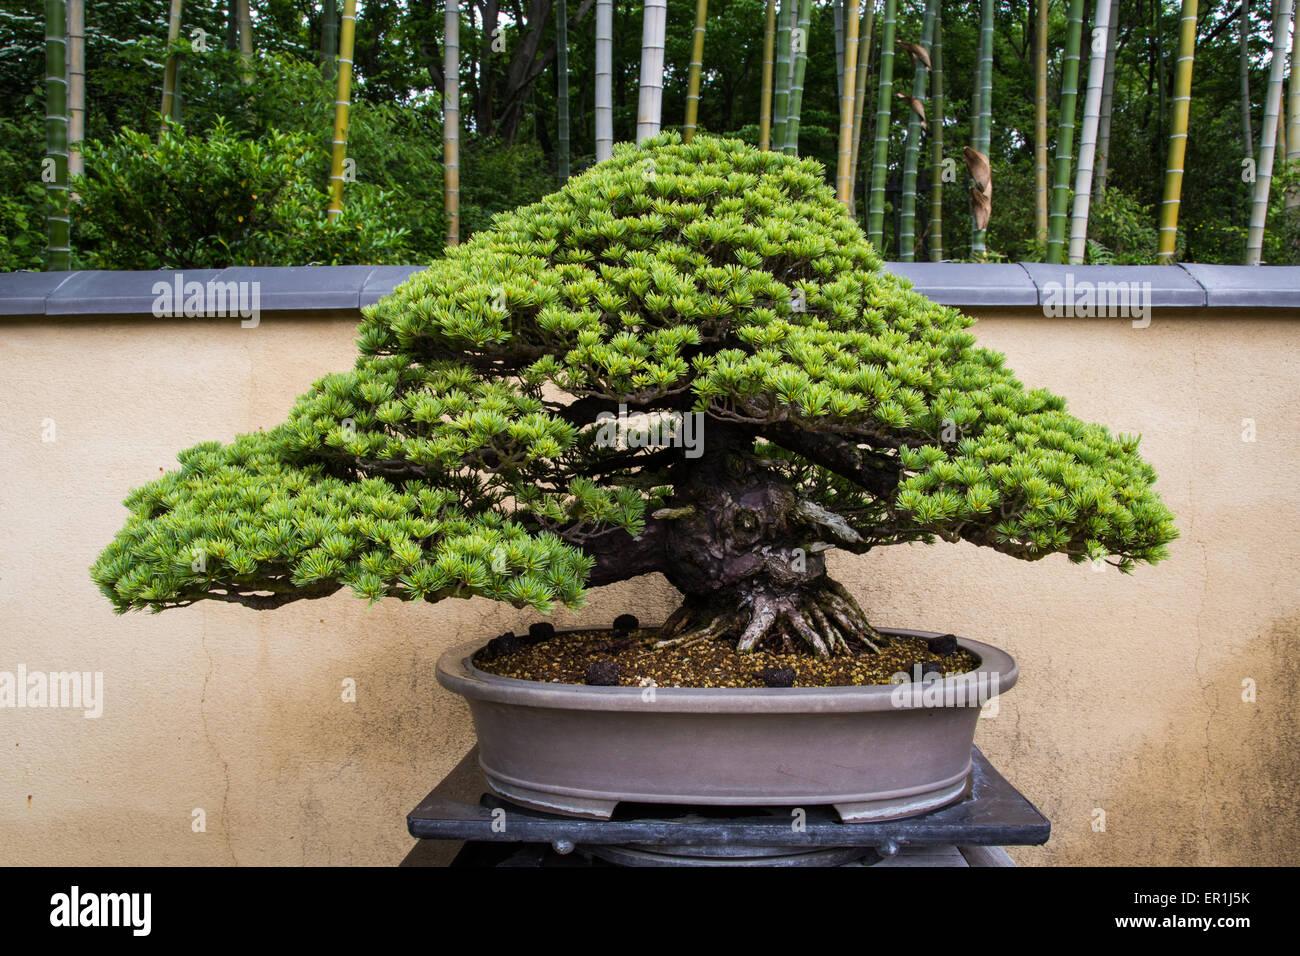 bonsai ist eine japanische kunstform mit miniatur b ume in containern angebaut stockfoto bild. Black Bedroom Furniture Sets. Home Design Ideas